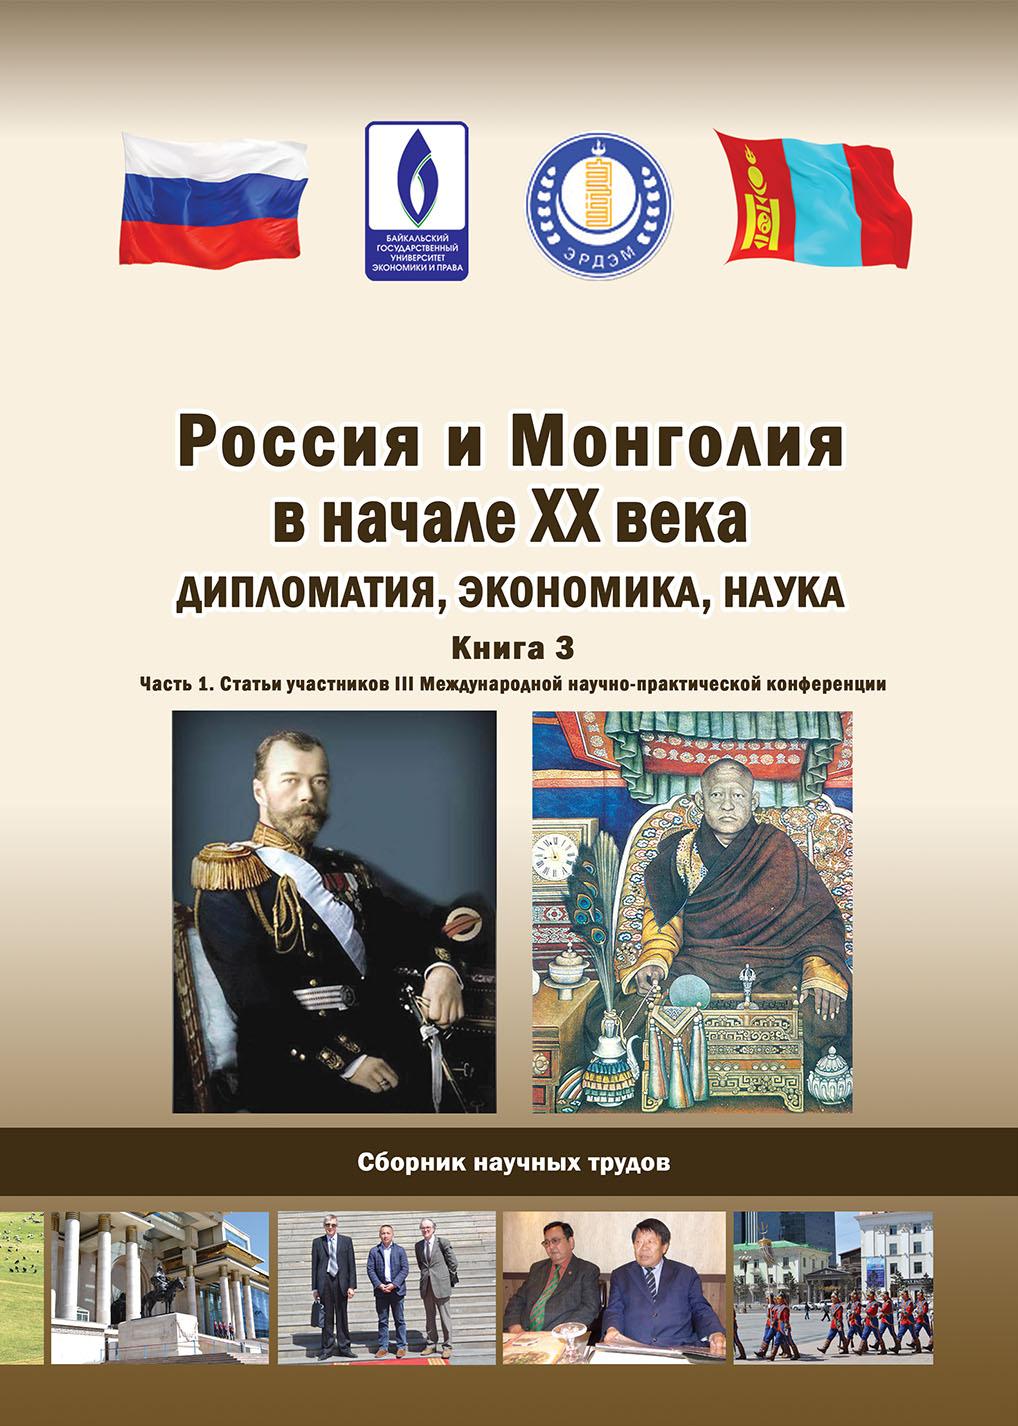 Культурное измерение деятельности российской дипломатии в Монголии (вторая половина XIX - начало ХХ века): основные направления и результаты